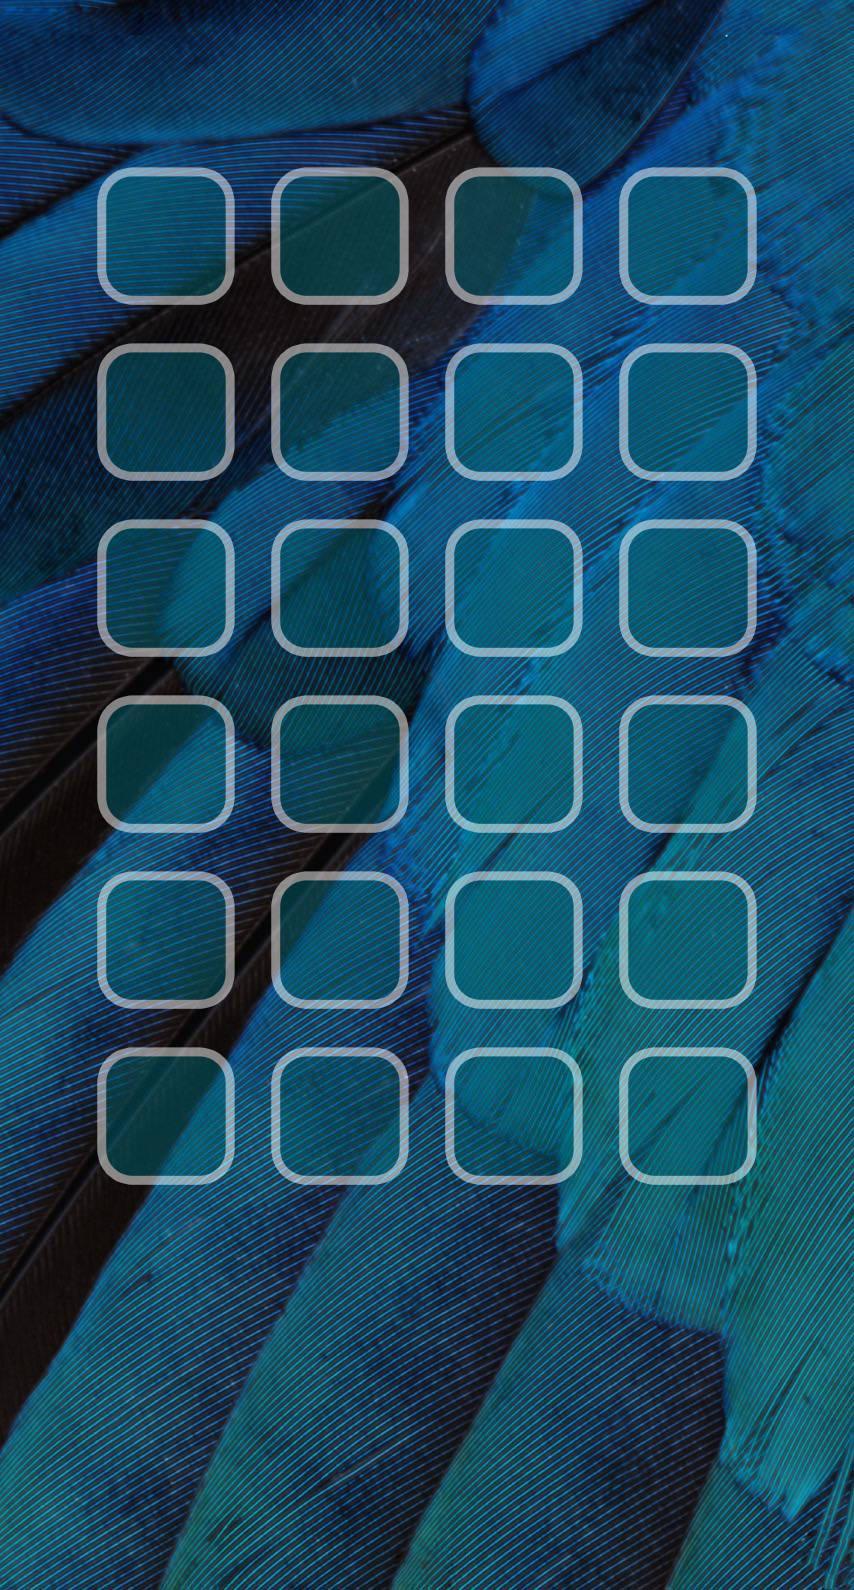 羽青緑棚クール Wallpaper Sc Iphone8壁紙